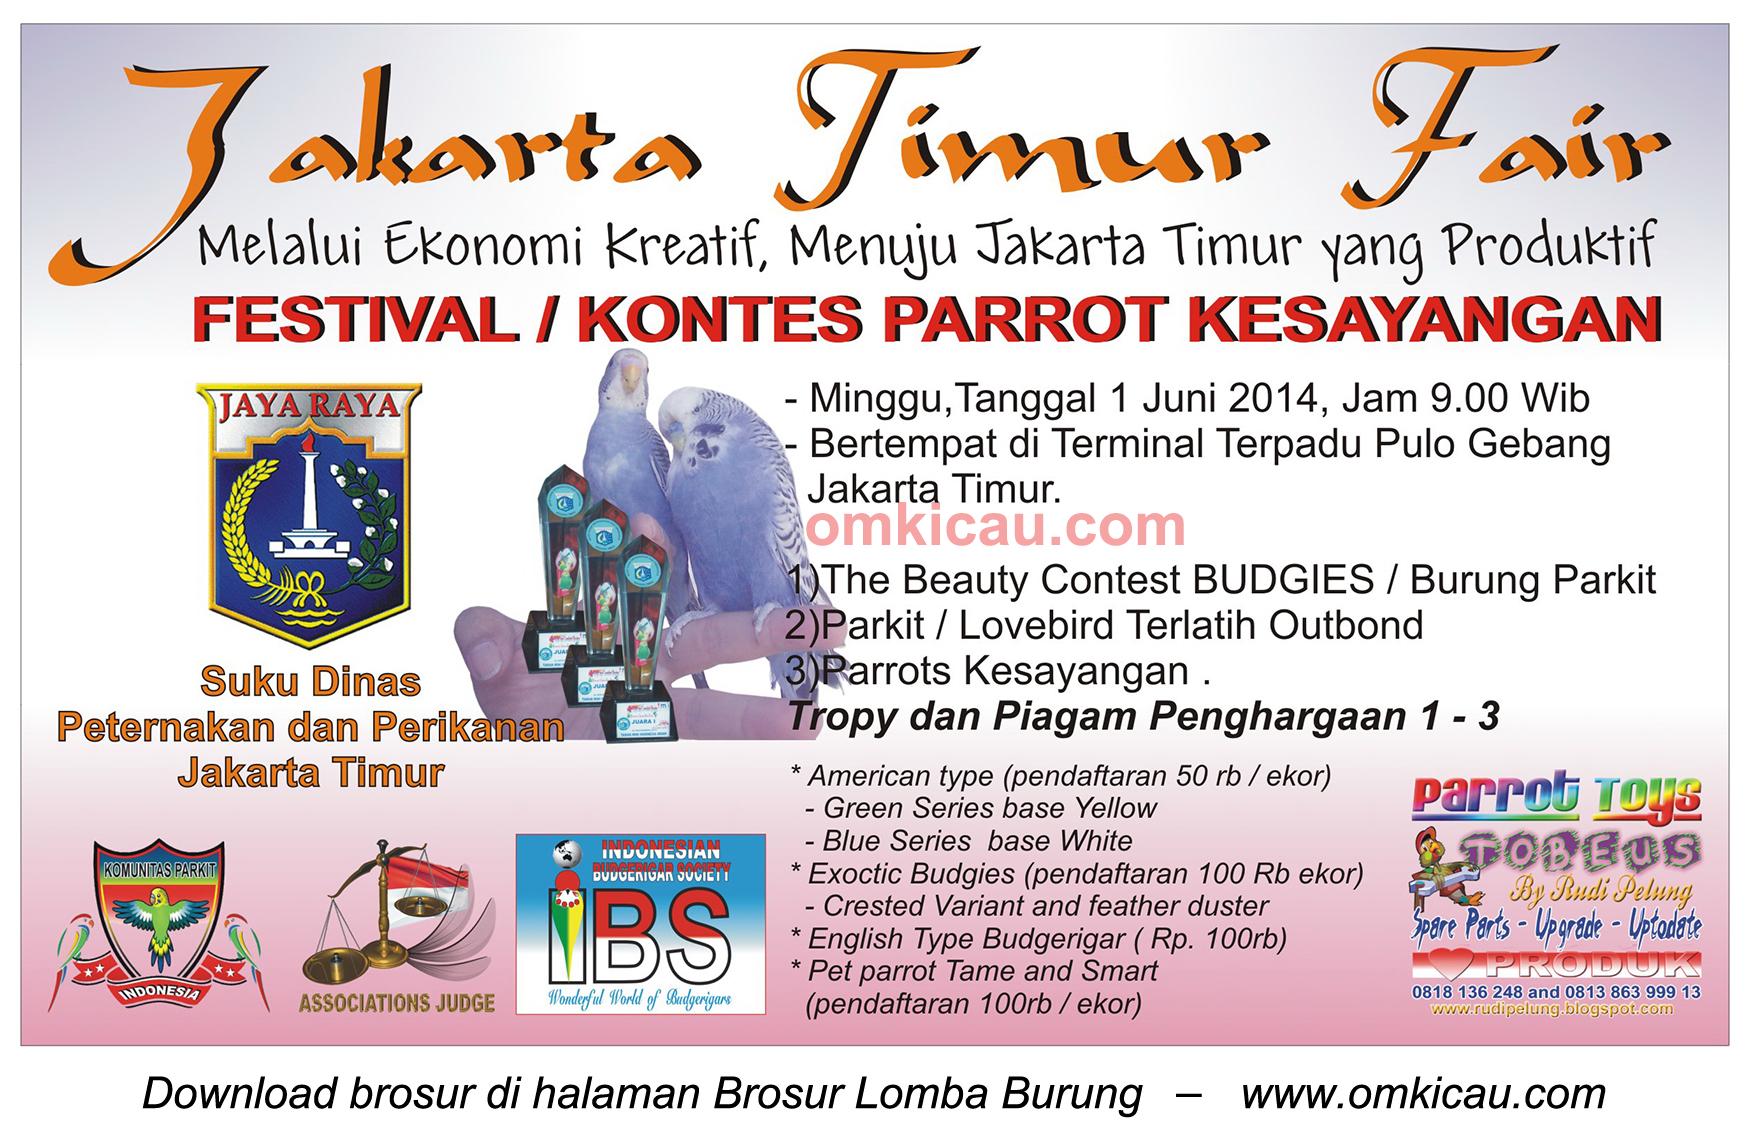 Brosur Kontes Parrot Kesayangan, Jakarta Timur, 1 Juni 2014